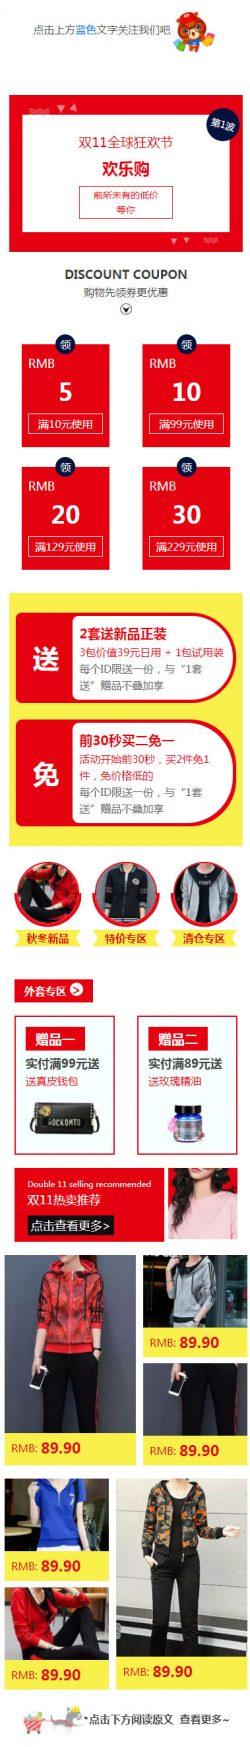 双11全球购物节商品促销服务号文章模板